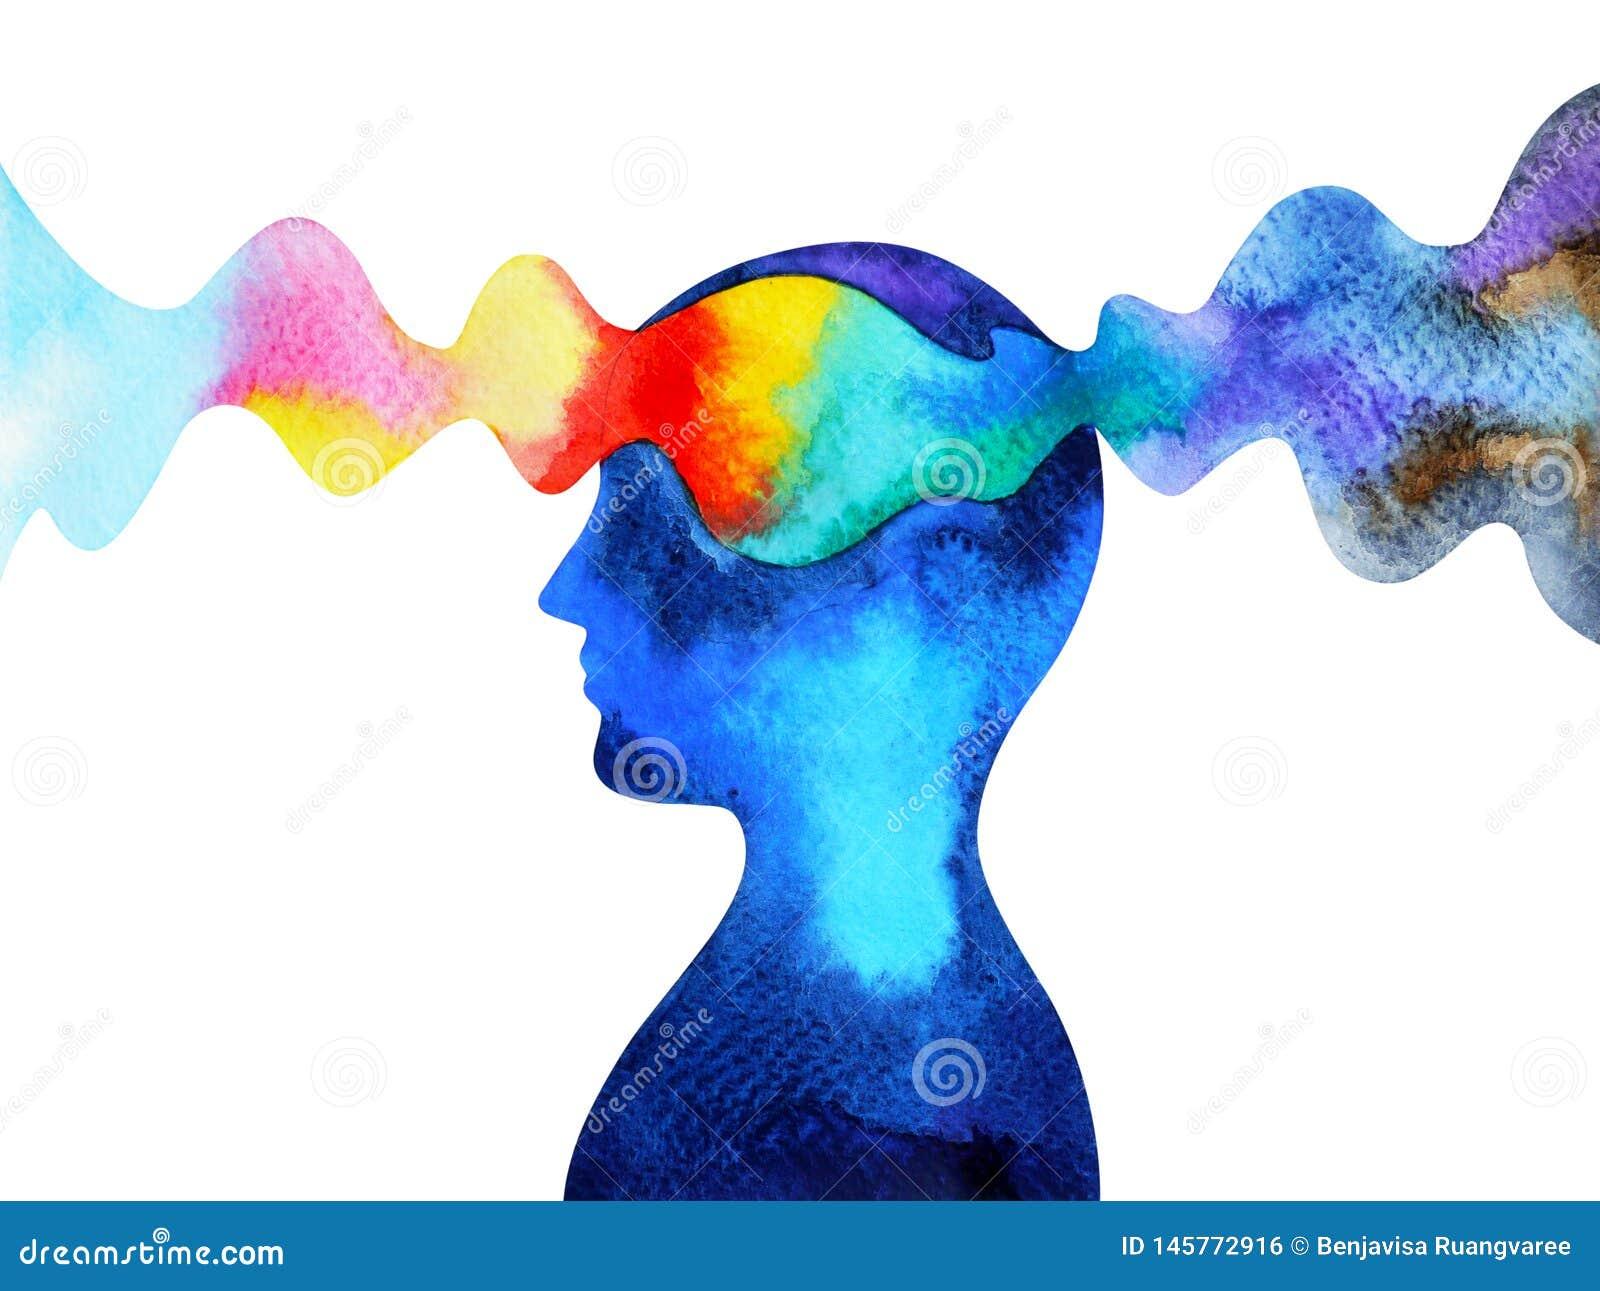 Menschliche Haupt-Aquarellmalereiillustrations-Entwurfshand der chakra Energieinspirationszusammenfassung denkende gezeichnet